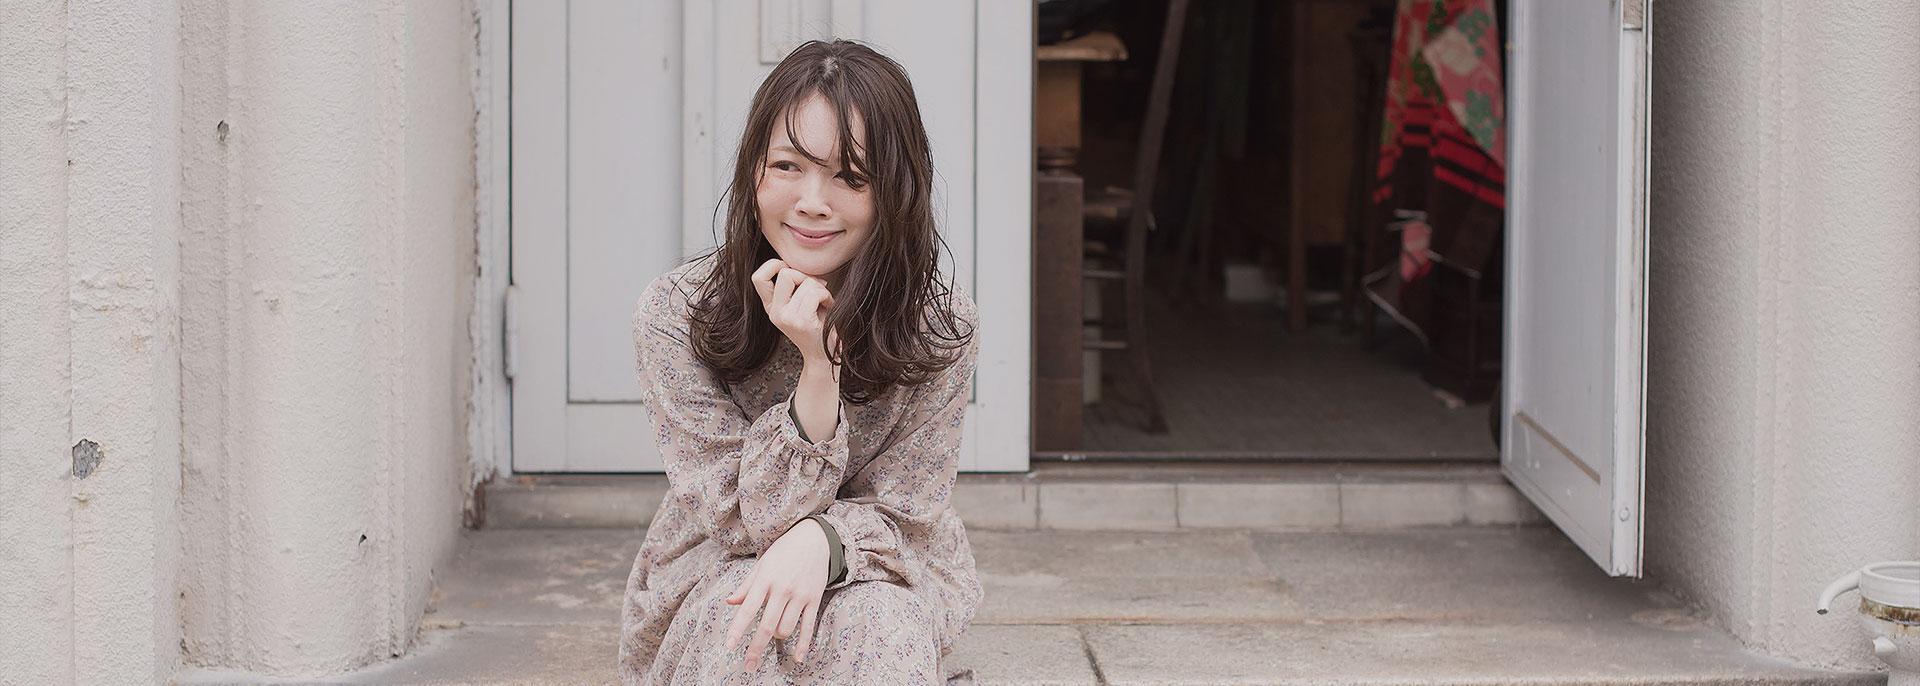 Kira kira boshiスタイル写真集ギャラリーimage